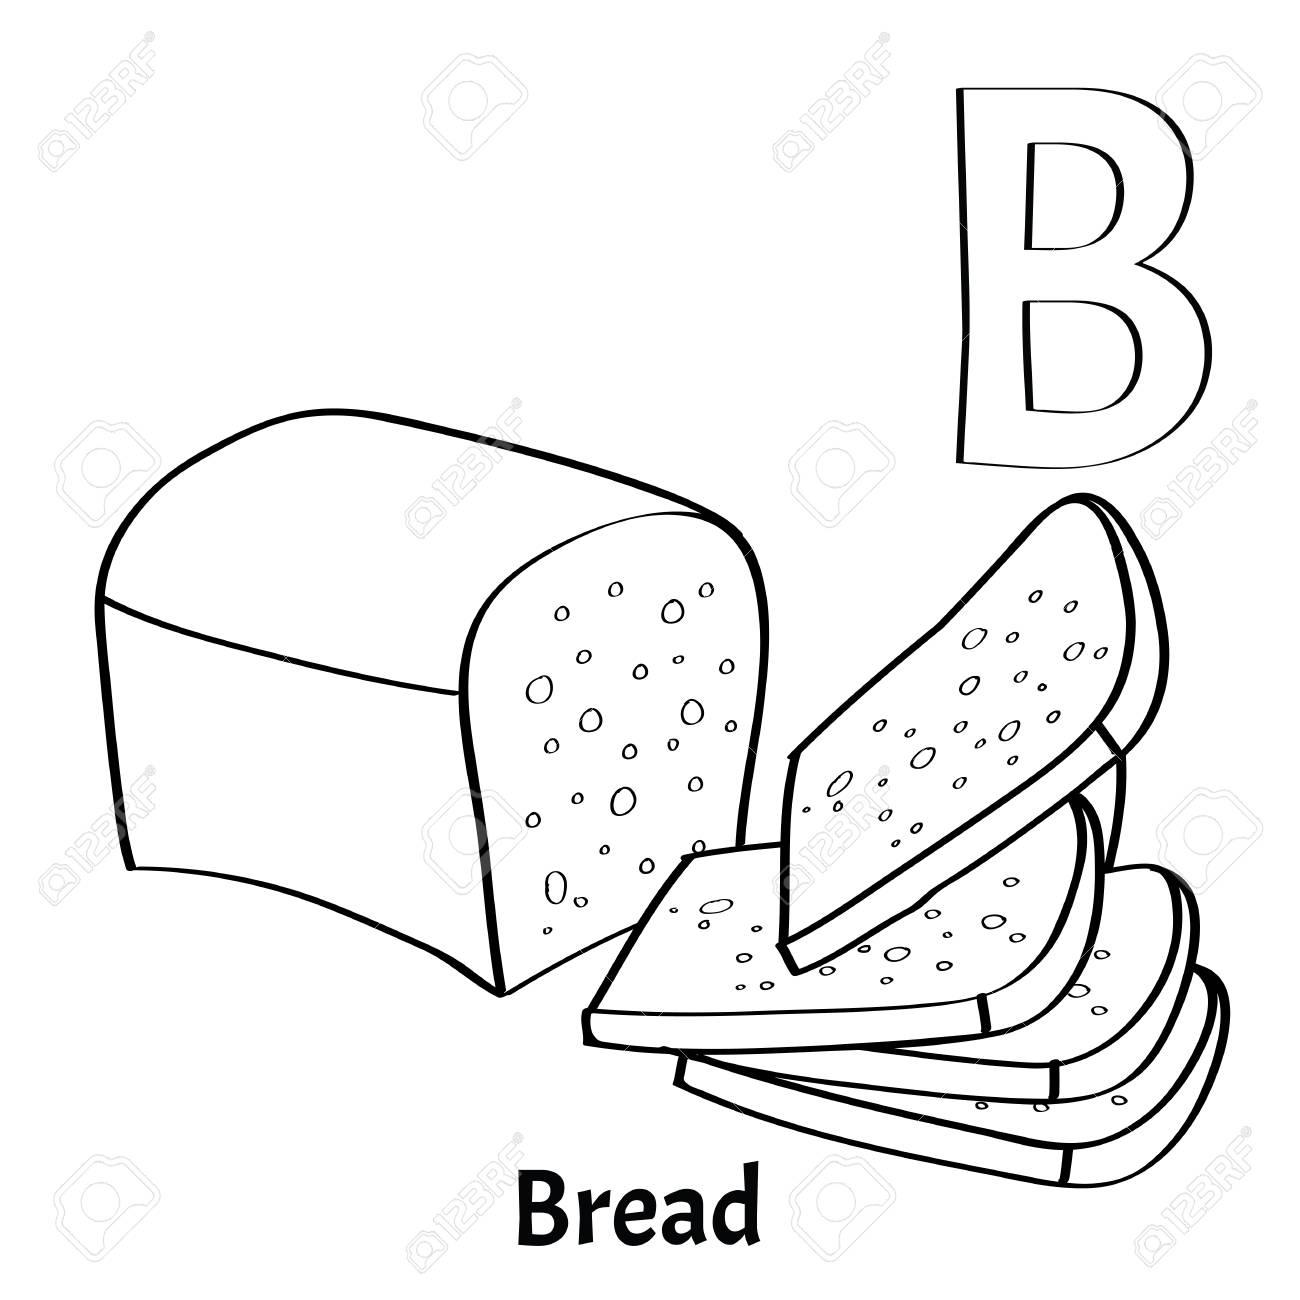 Vektor Alphabet Buchstaben B Für Kinder Bildung Mit Brot. Isoliert ...